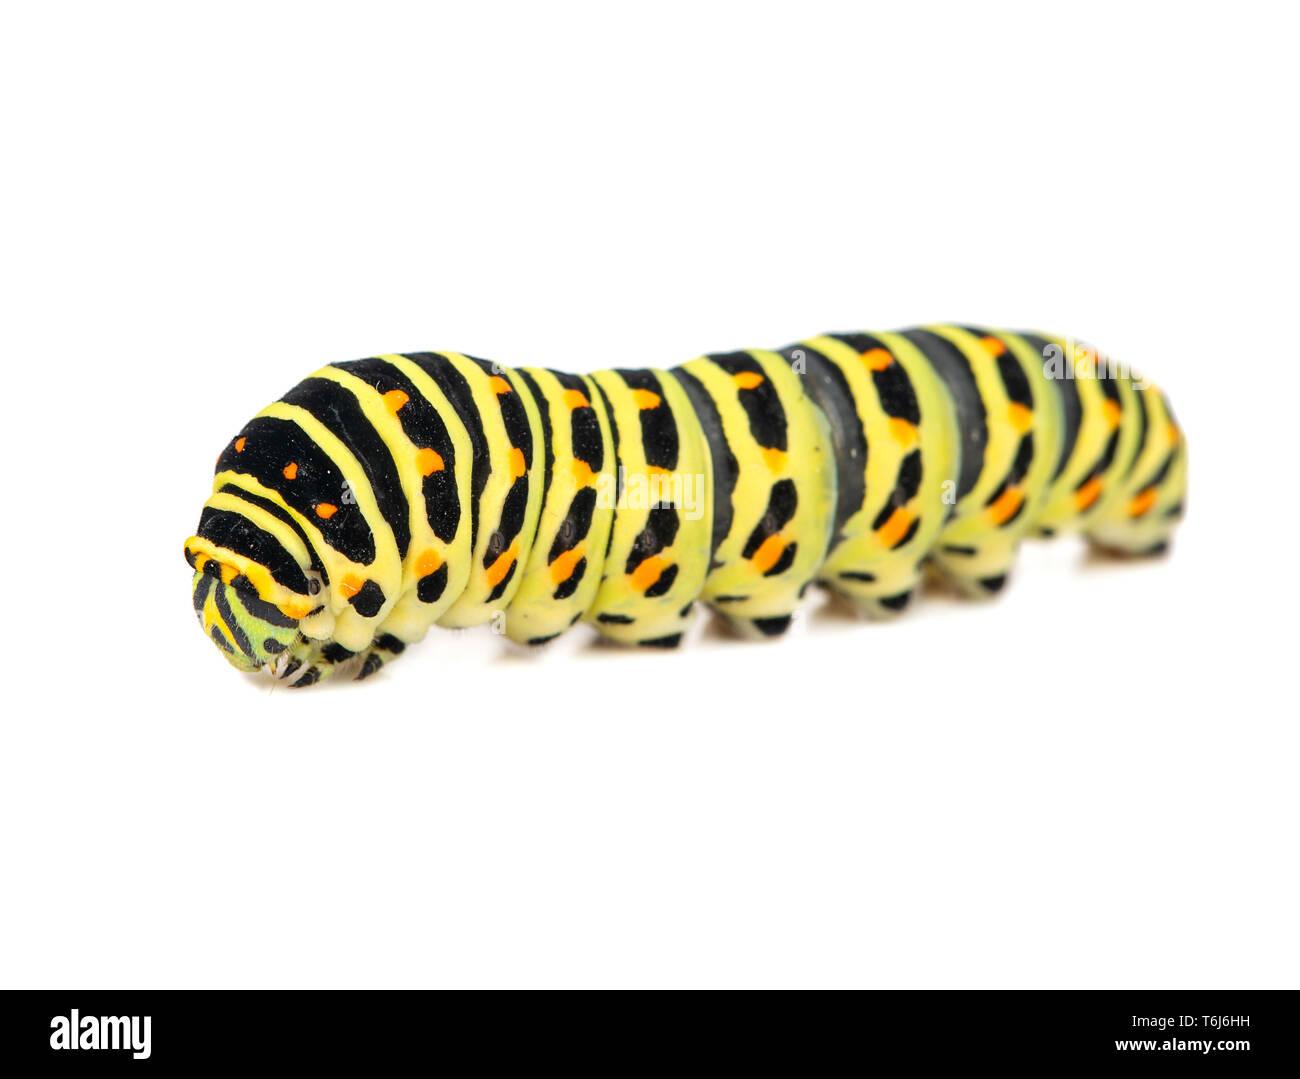 Gelb Schwarz swallowtail Caterpillar auf weißem Hintergrund Stockbild